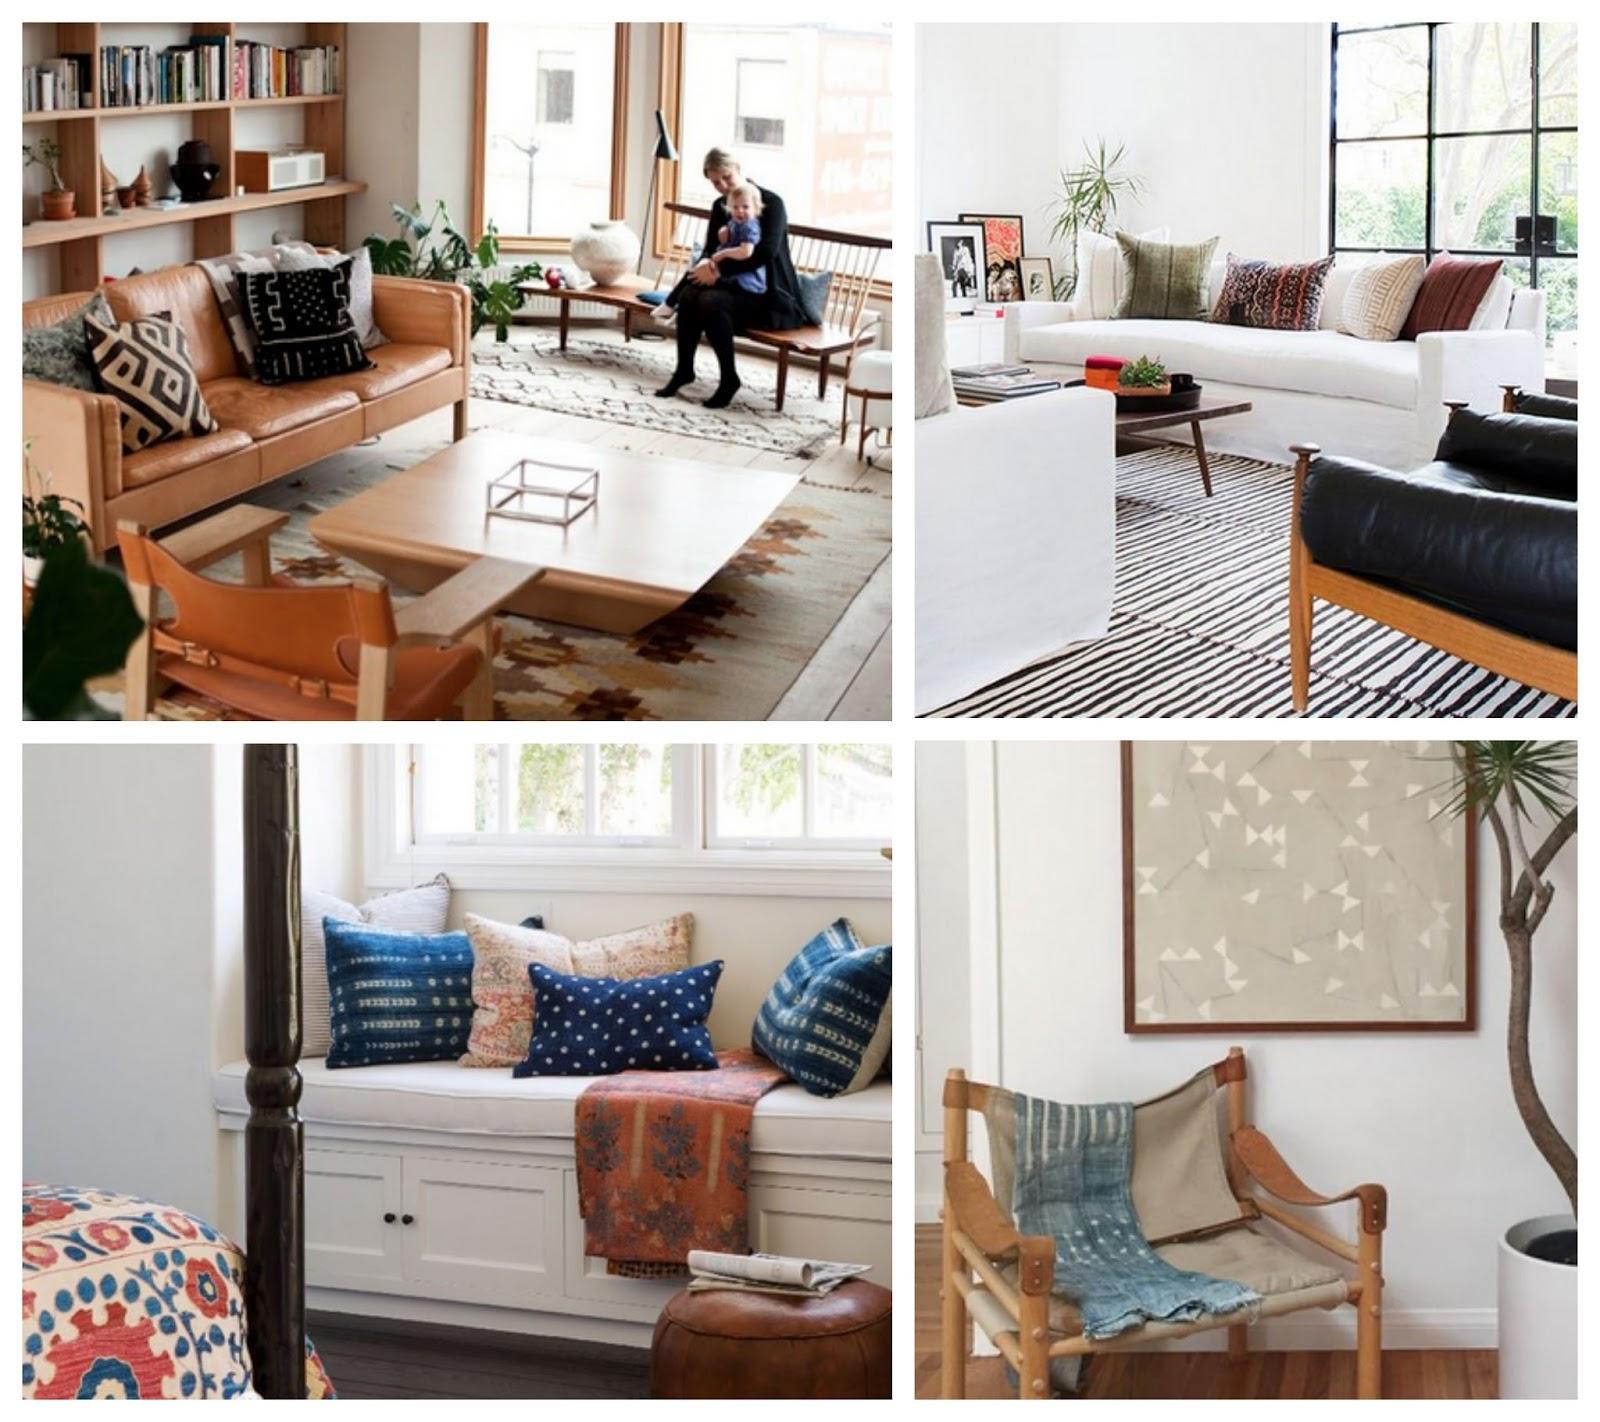 Rosa Beltran Design: MY TOP PICKS FOR BEAUTIFUL YET AFFORDABLE ...